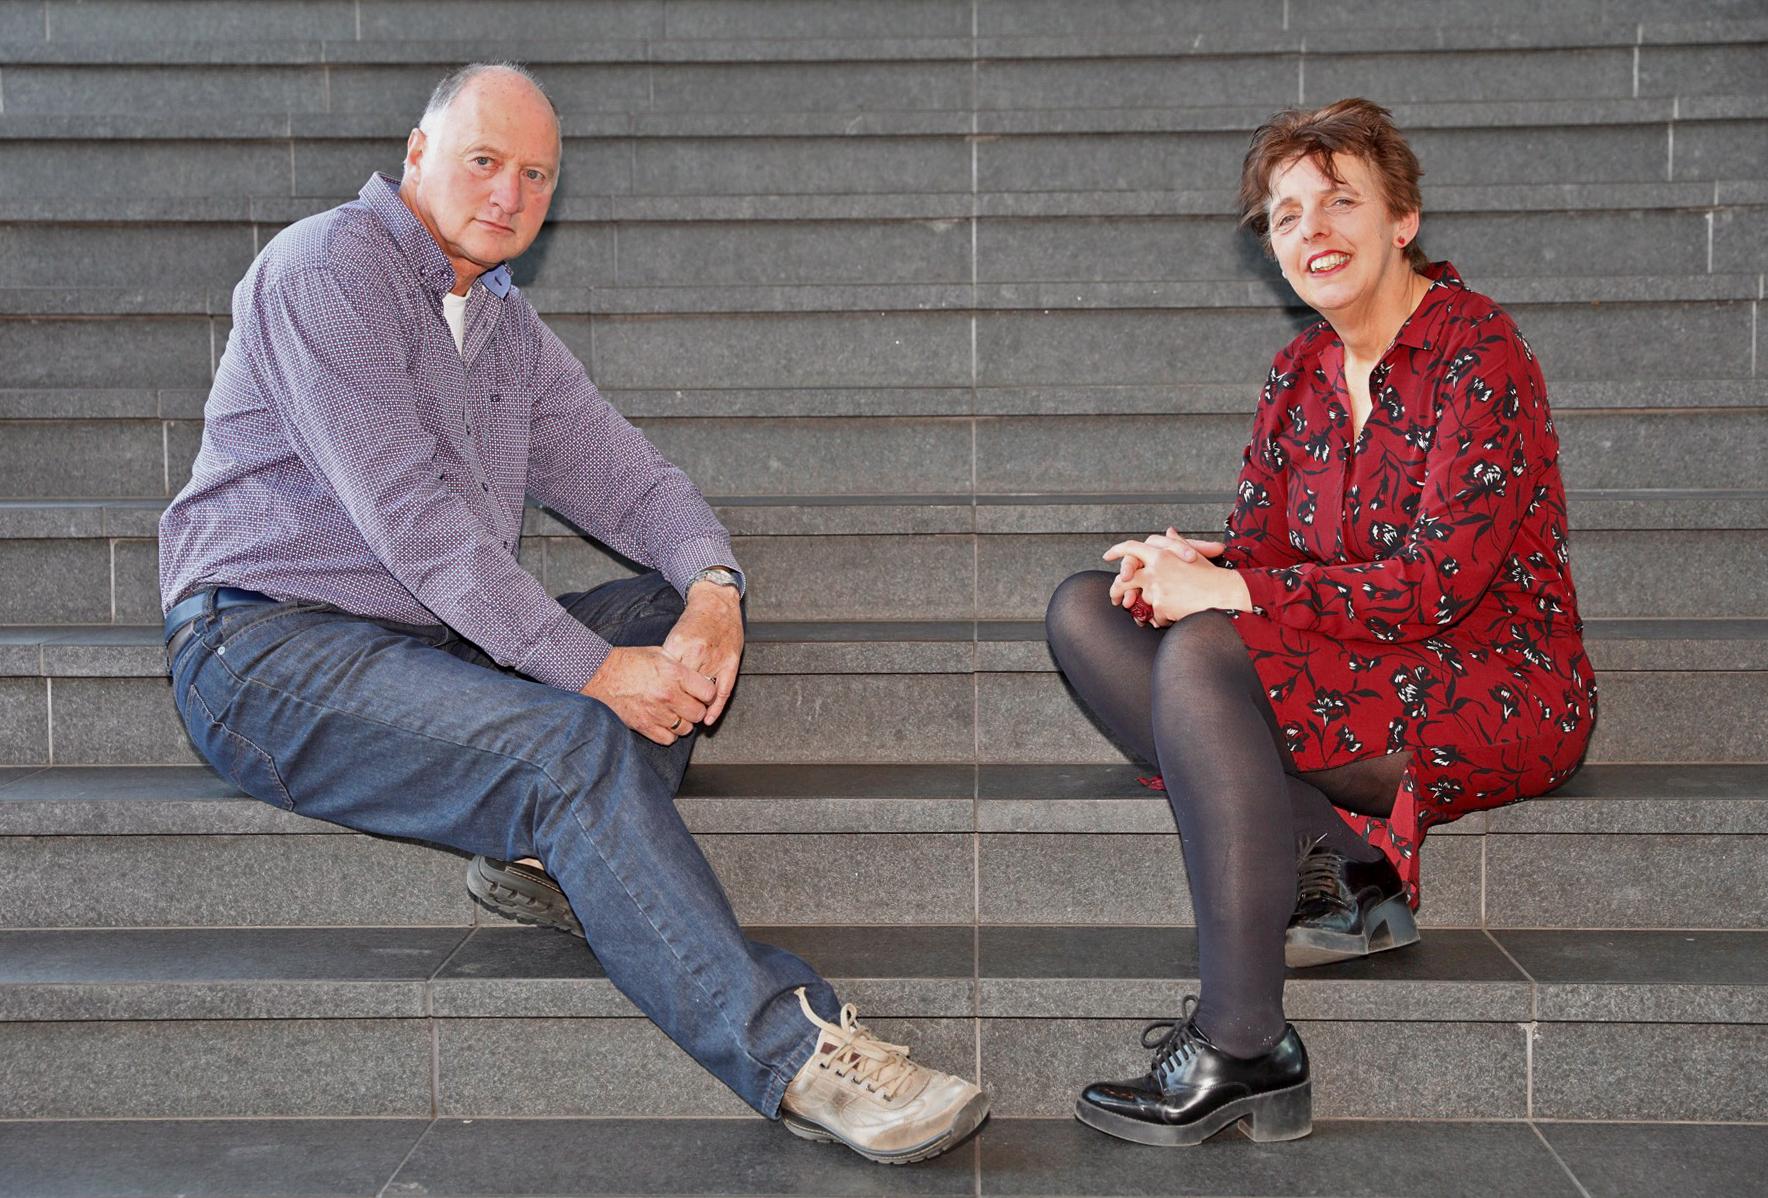 Jack en Astrid hopen dat lotgenoten steun bij elkaar vinden. (foto Vincent de Vries/ Rodi Media)